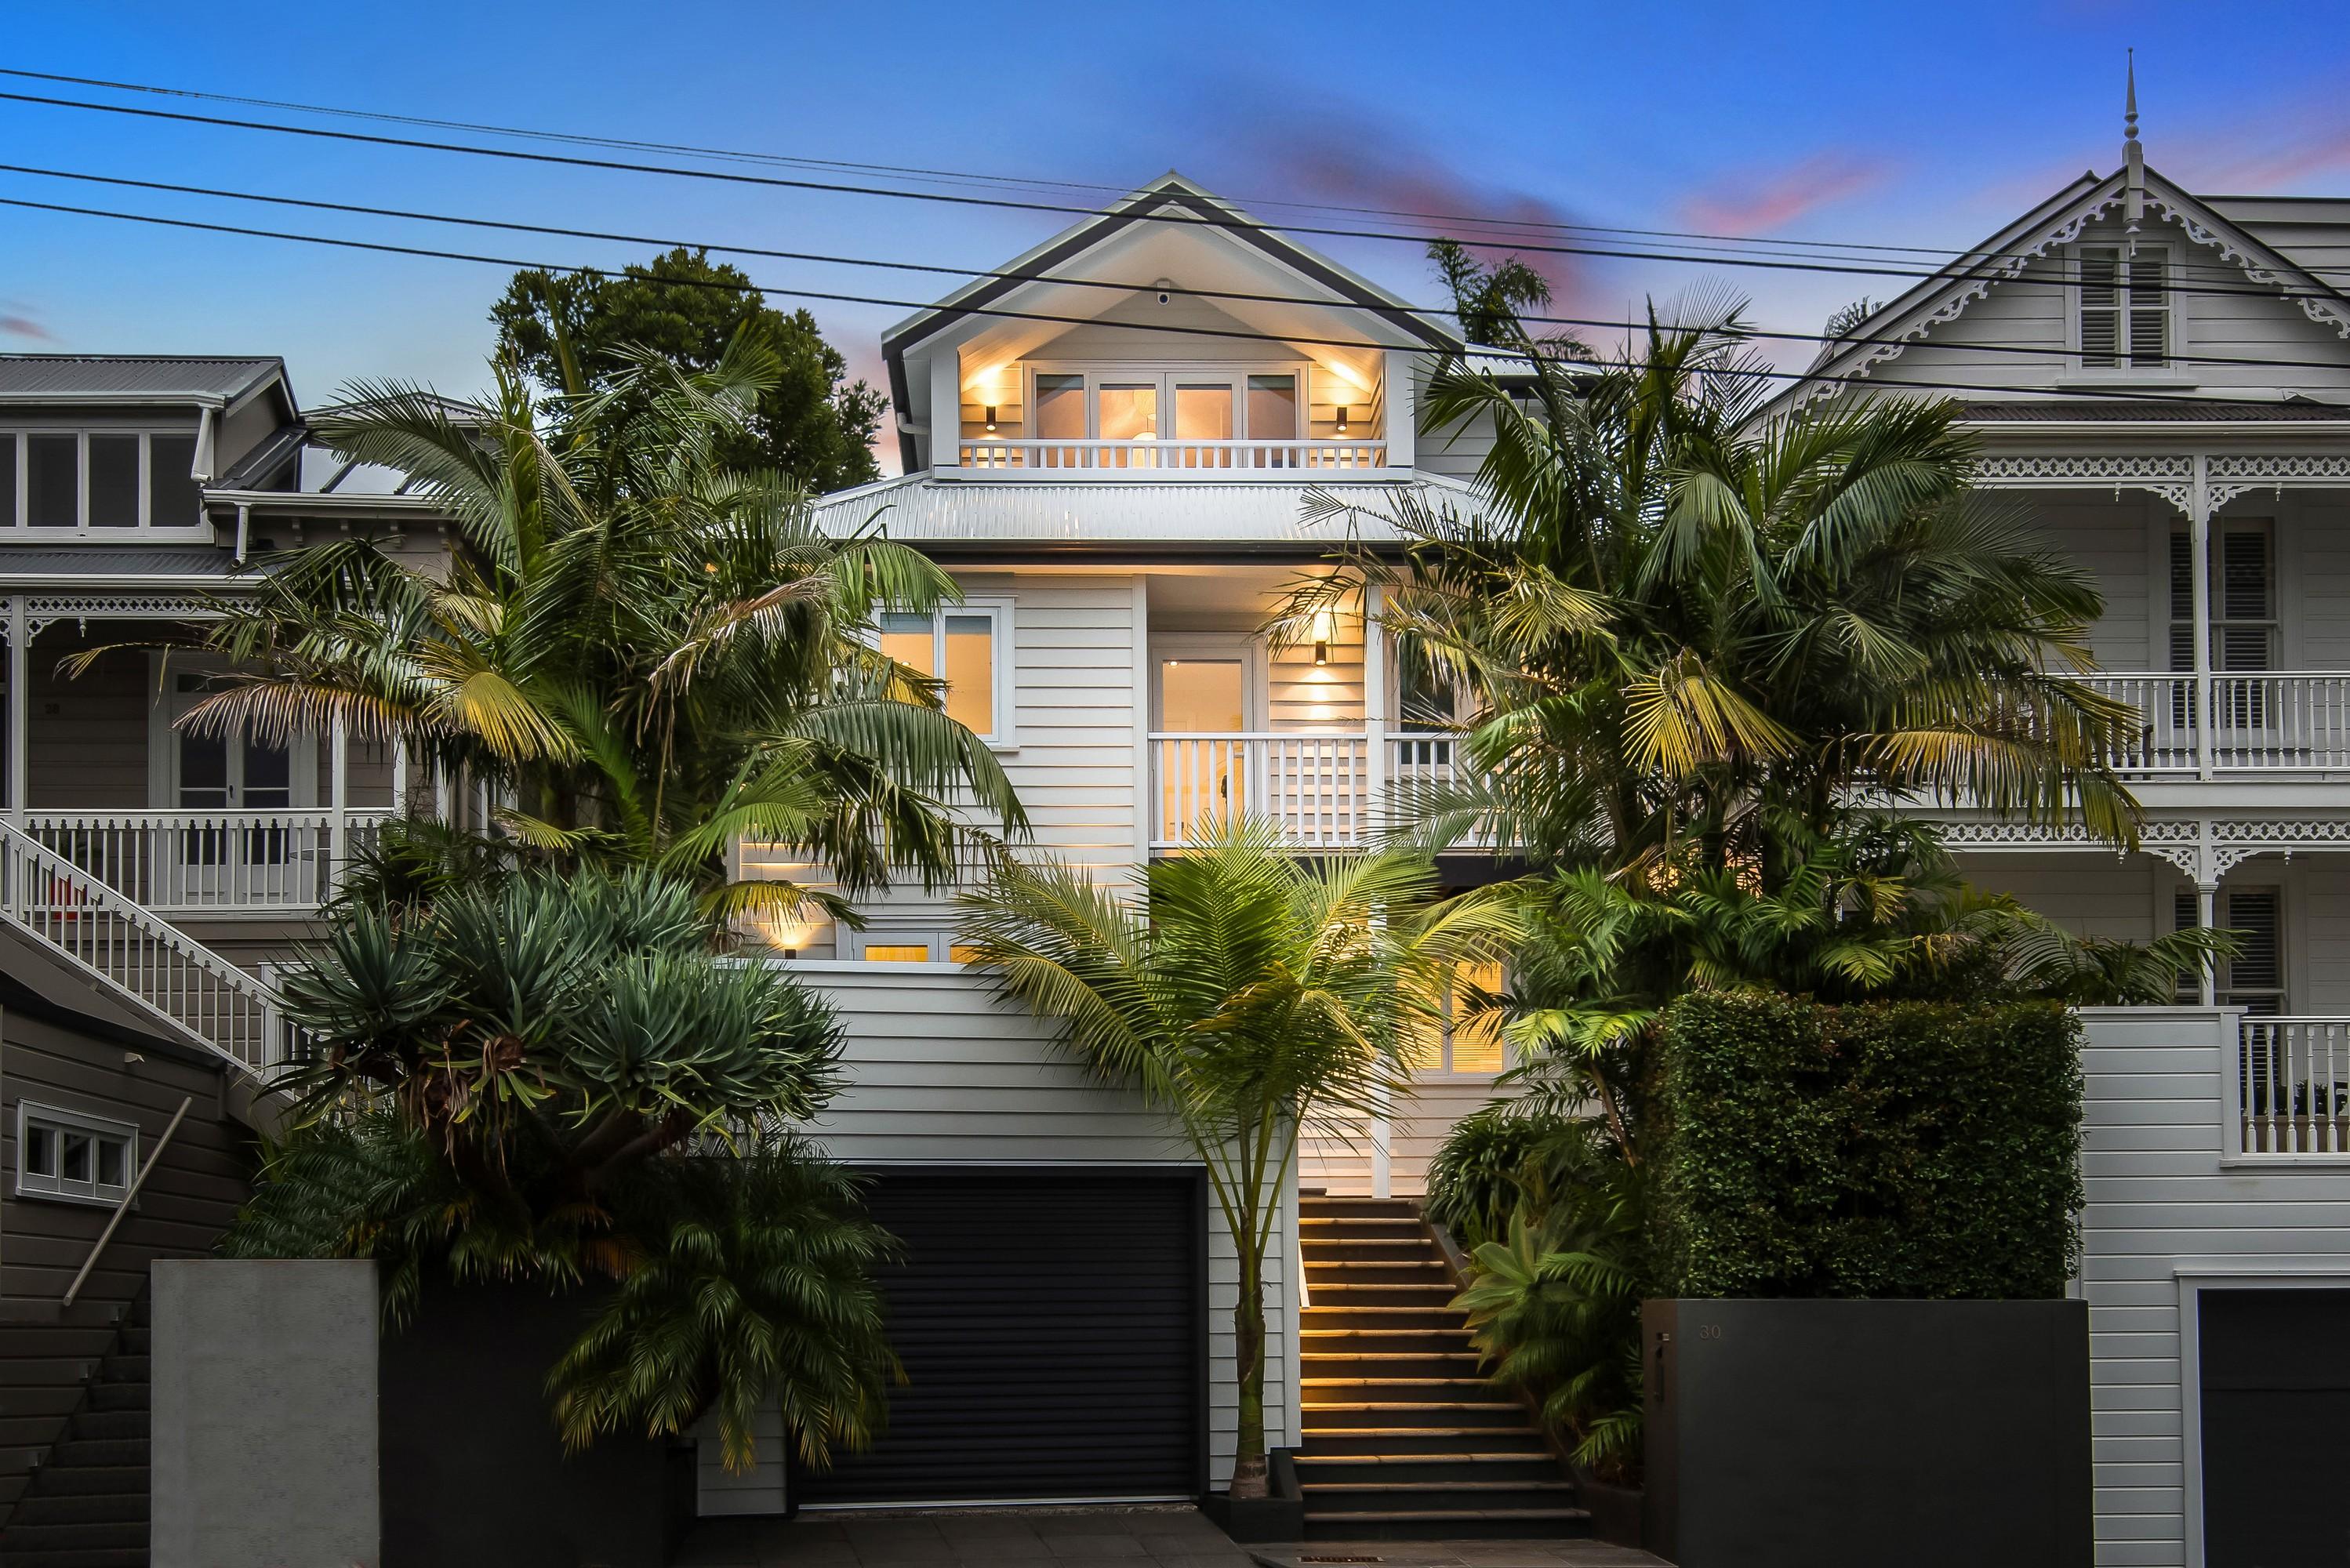 一戸建て のために 売買 アット 30 Collingwood Street 30 Collingwood Street Freemans Bay Auckland, オークランド, 1011 ニュージーランド